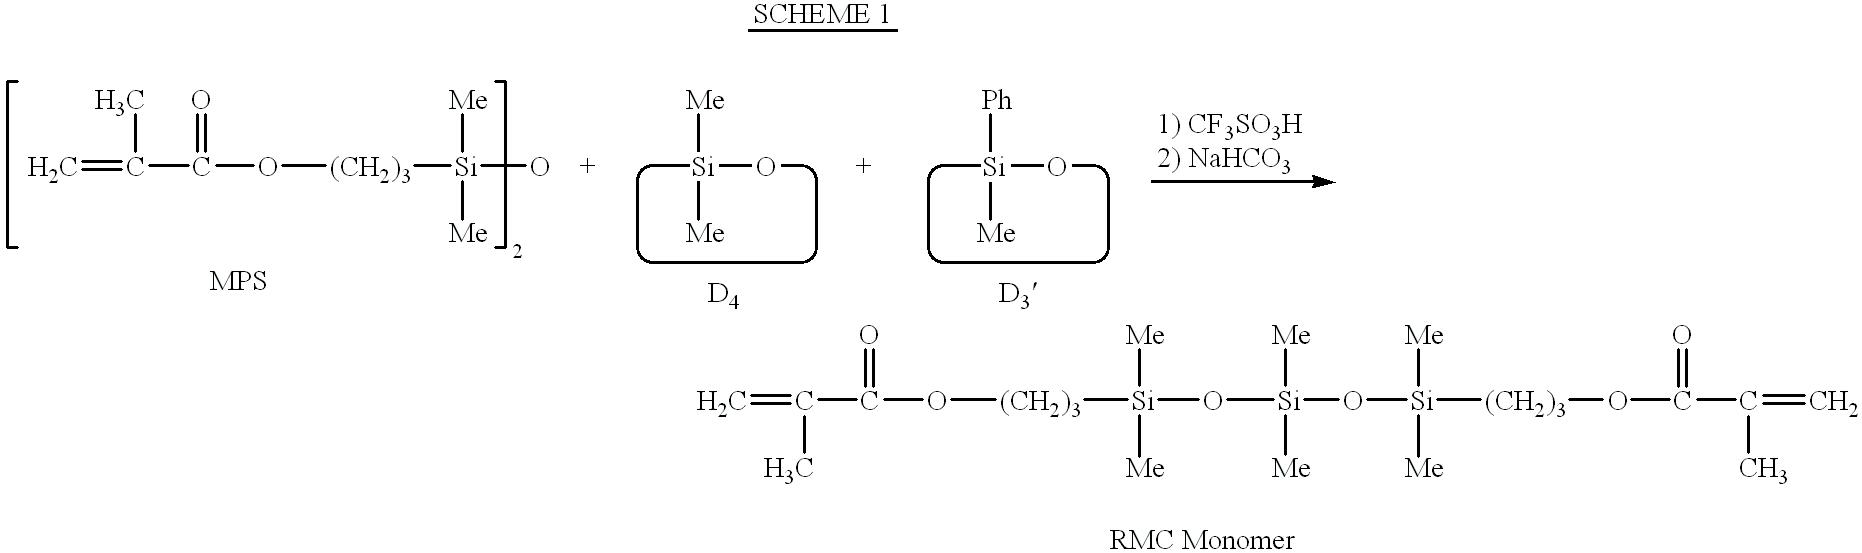 Figure US20020042004A1-20020411-C00005